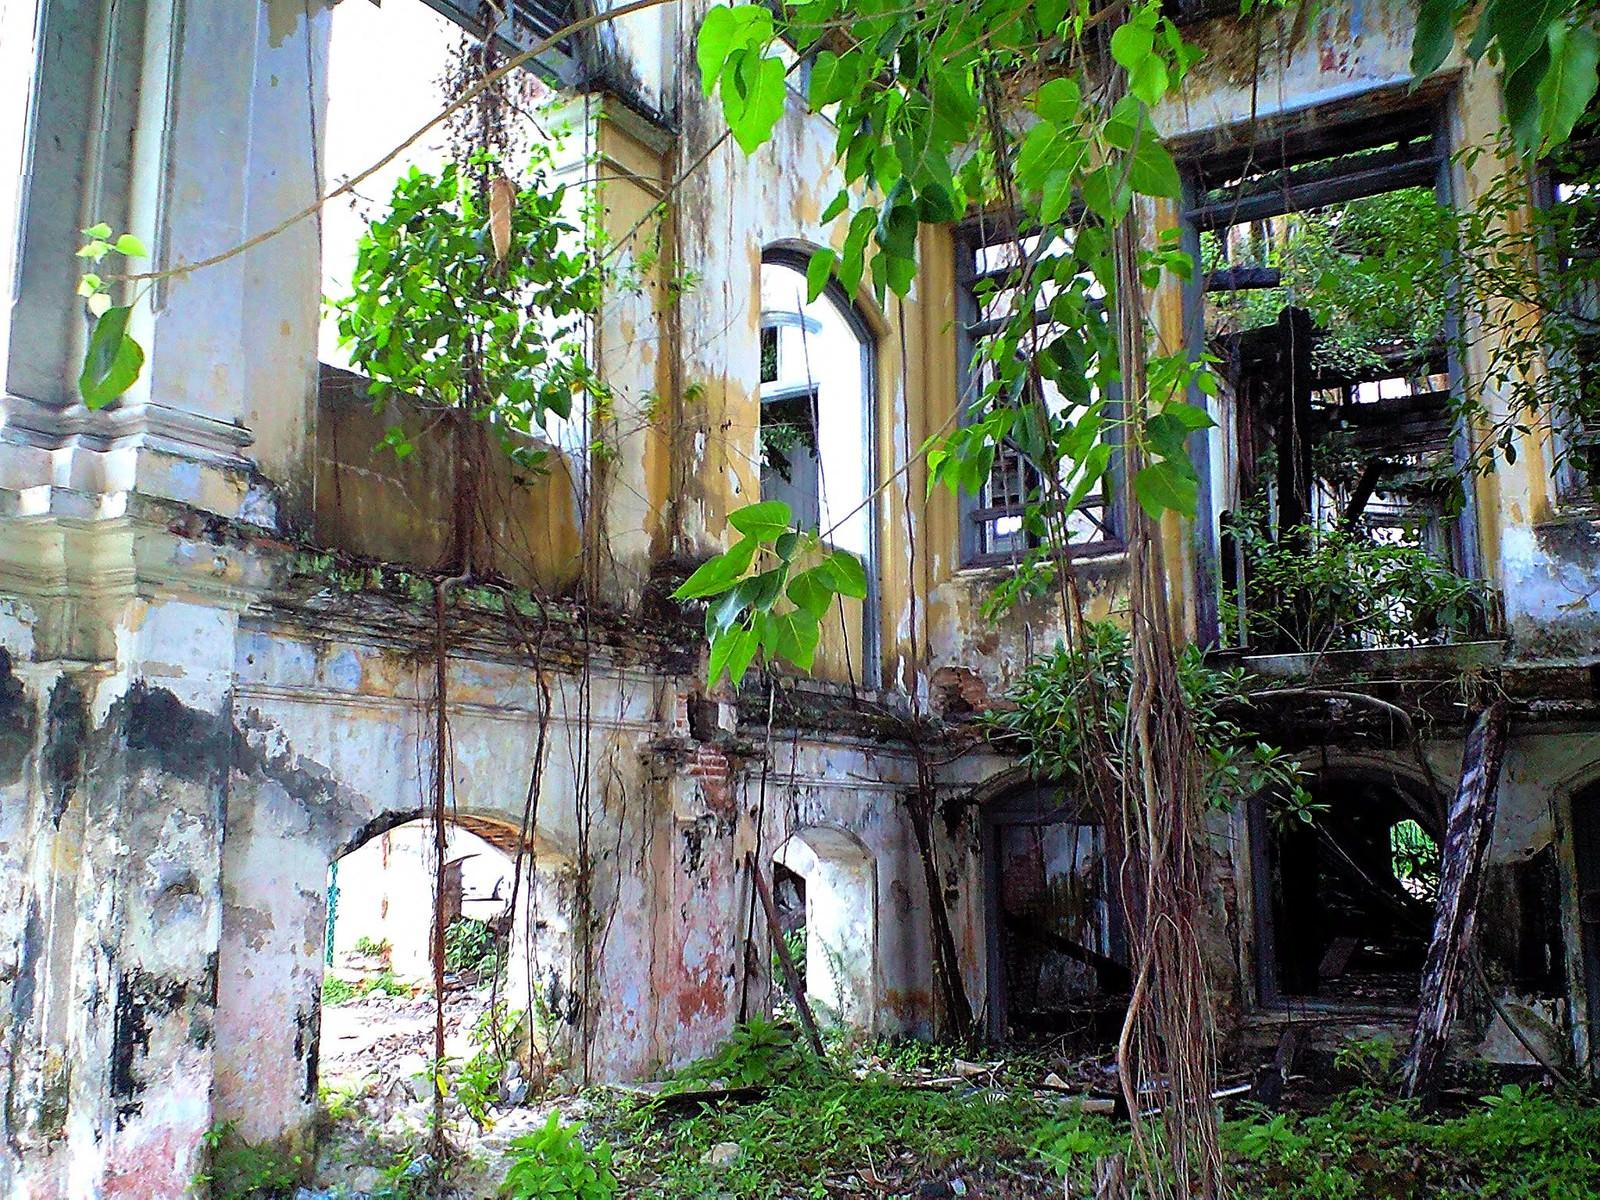 「ジョージタウンの廃墟内」の写真